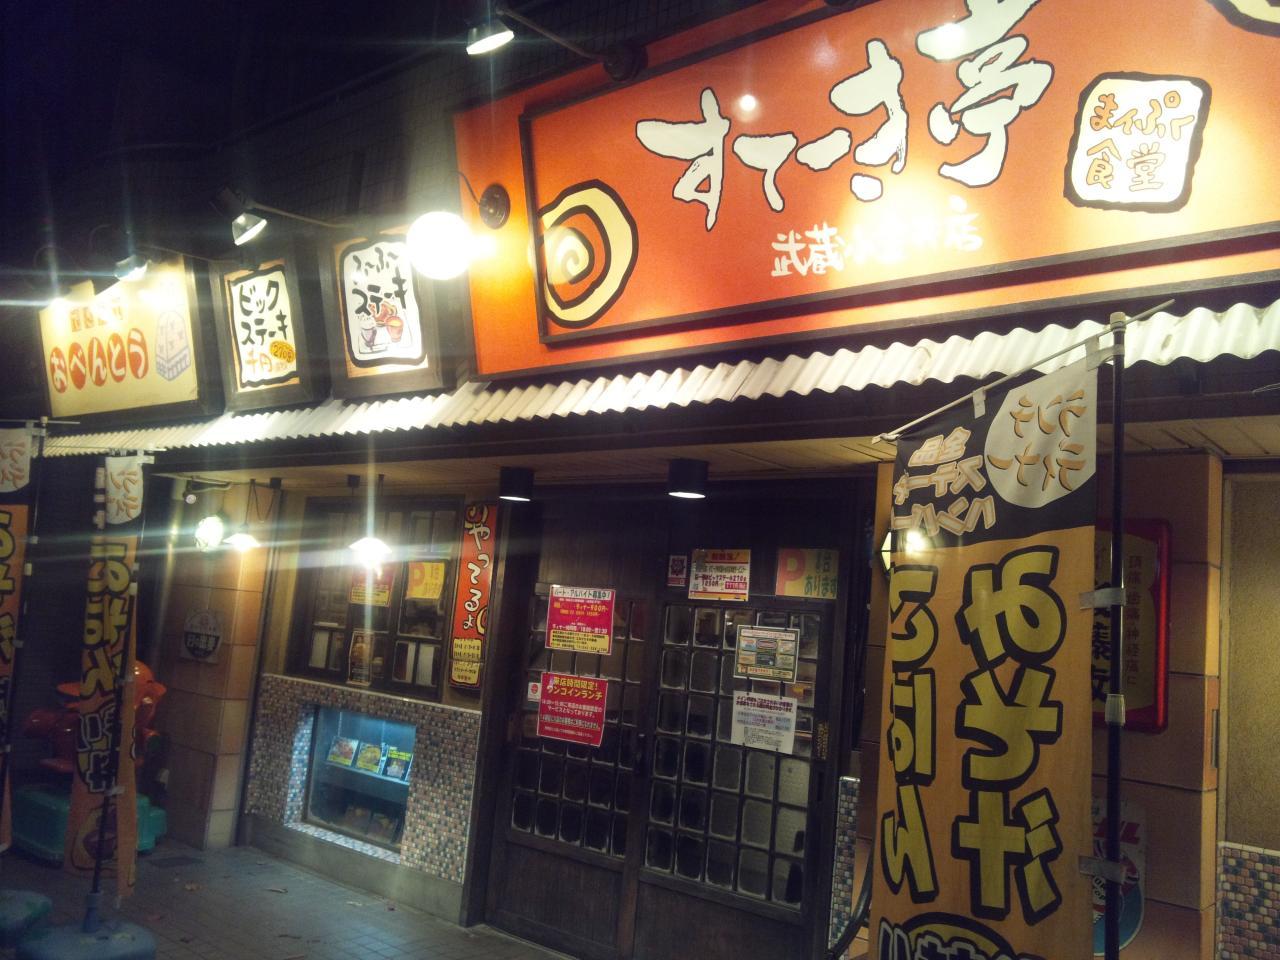 すてーき亭武蔵小金井店(店舗外観)